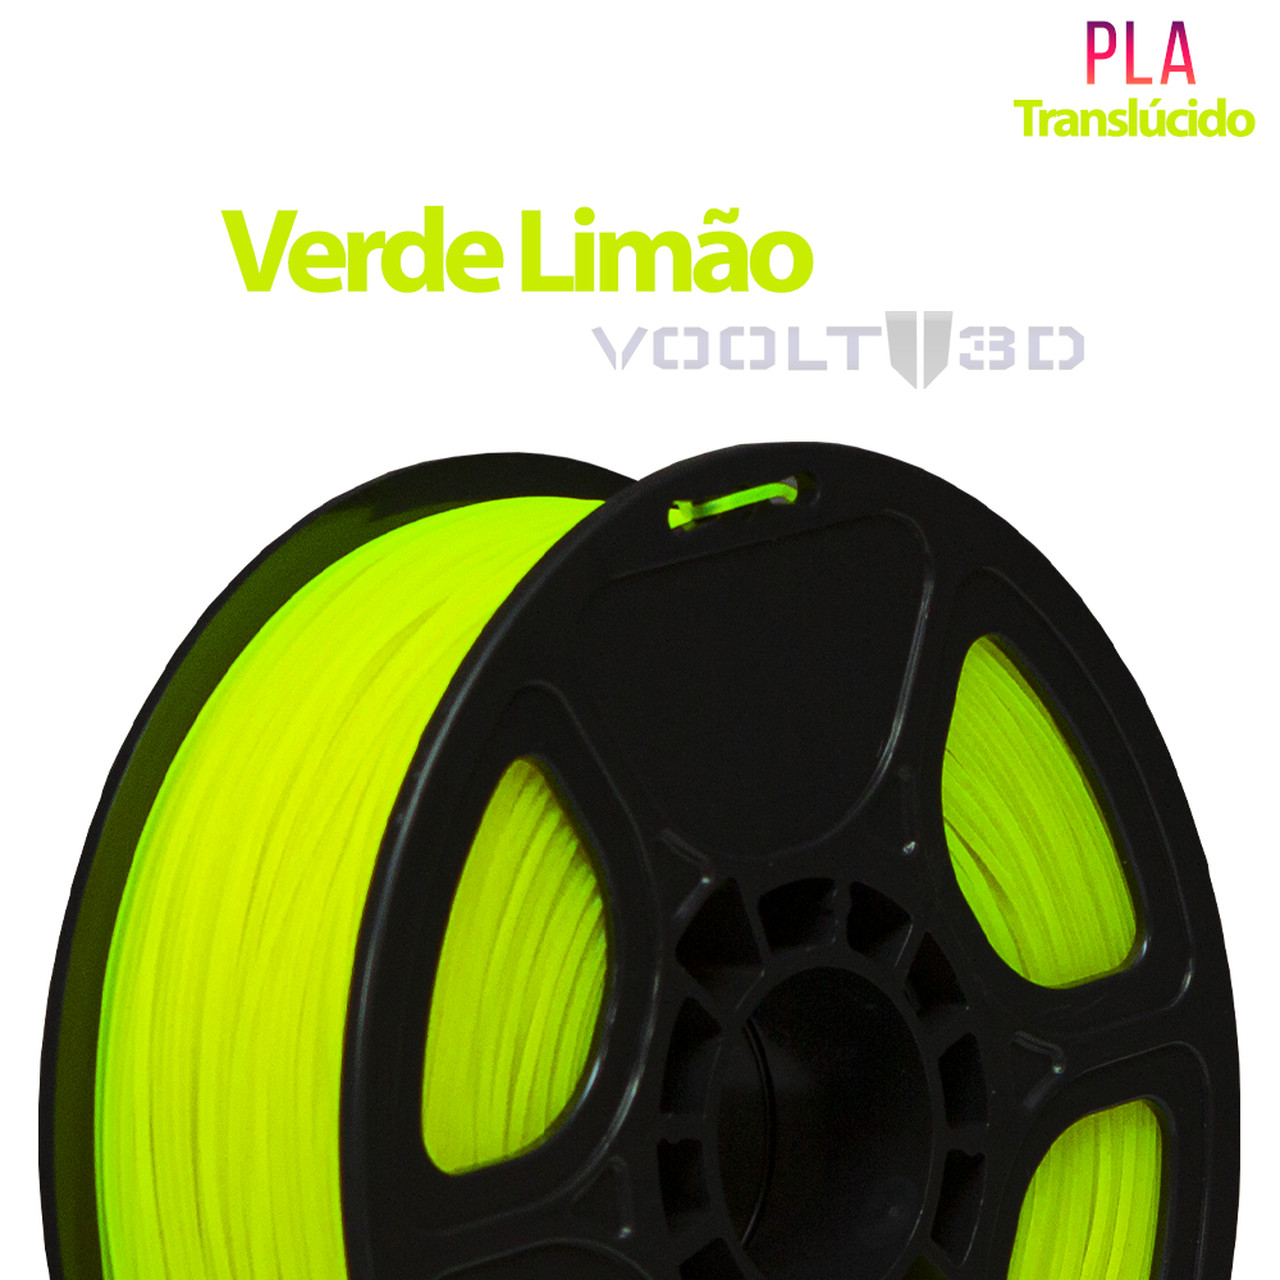 Filamento PLA - Verde Limão - Voolt - 1.75mm - 1kg